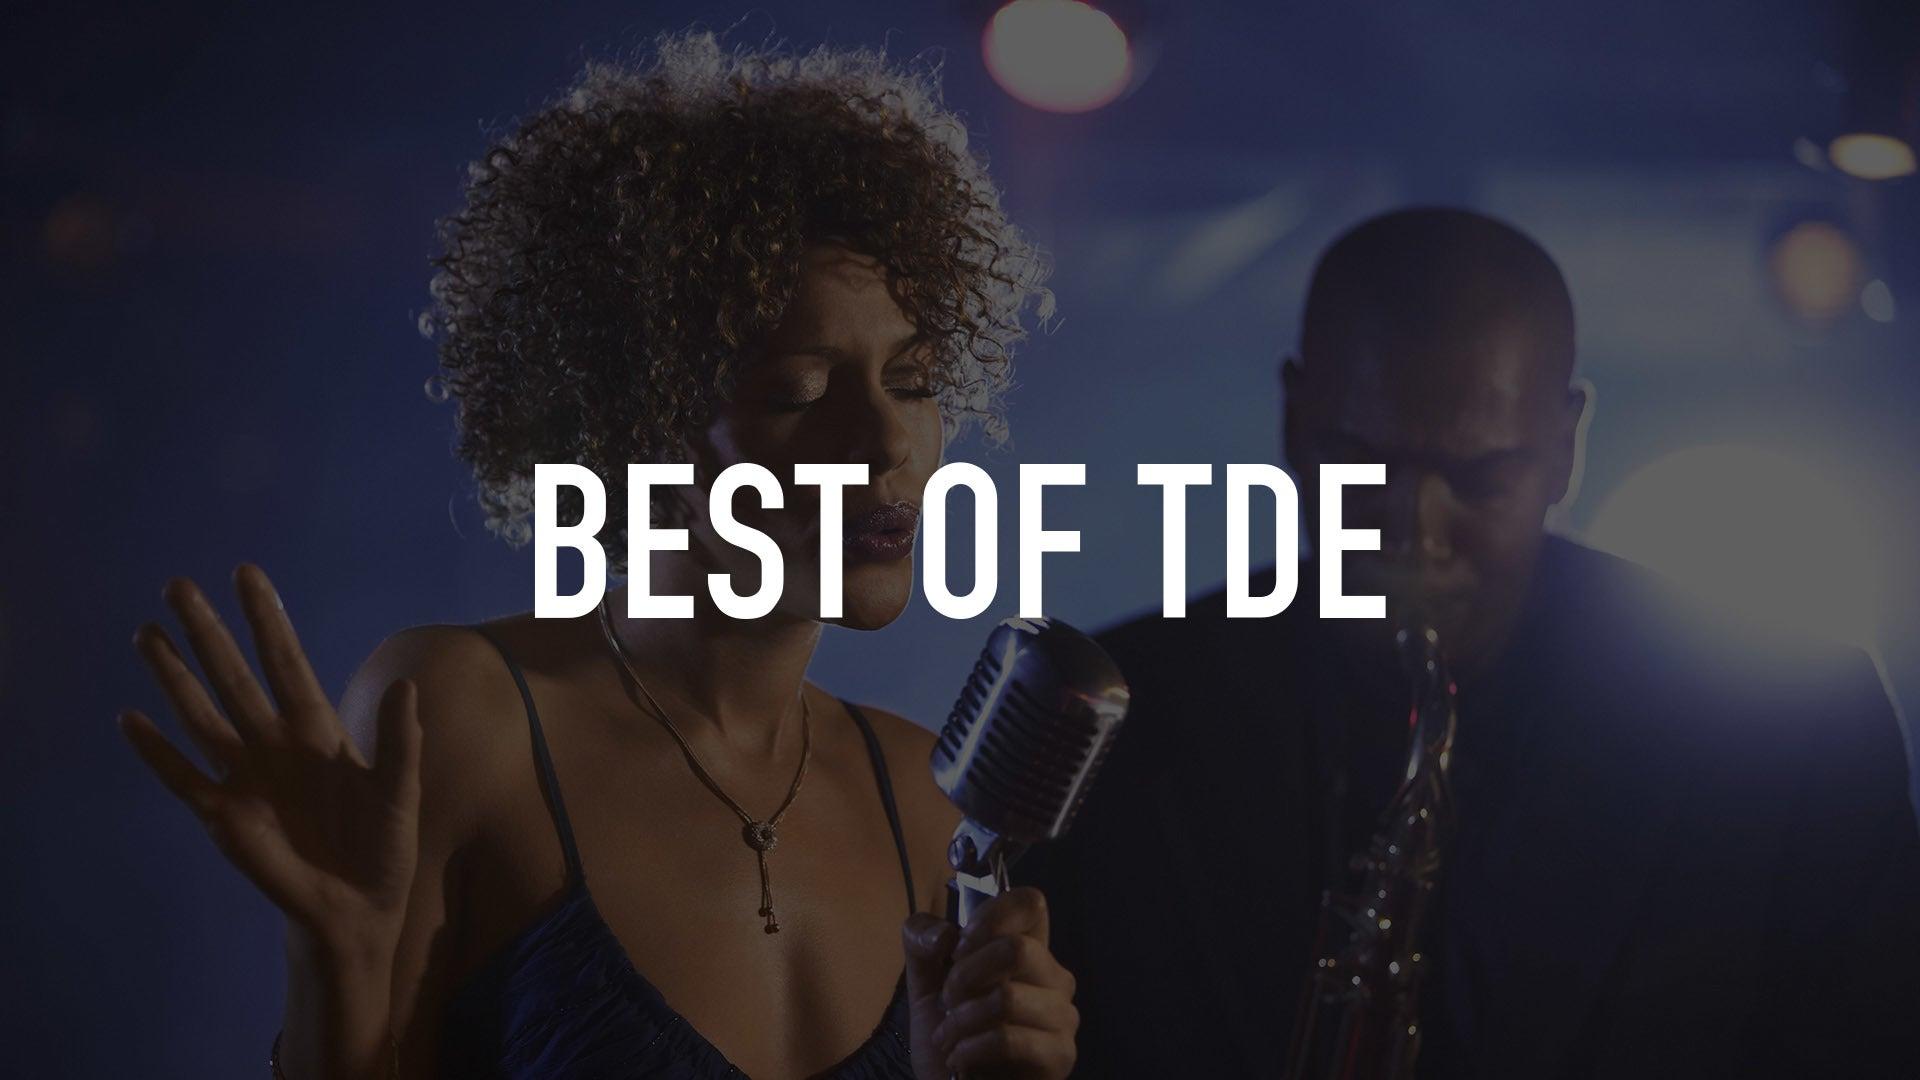 Best of TDE